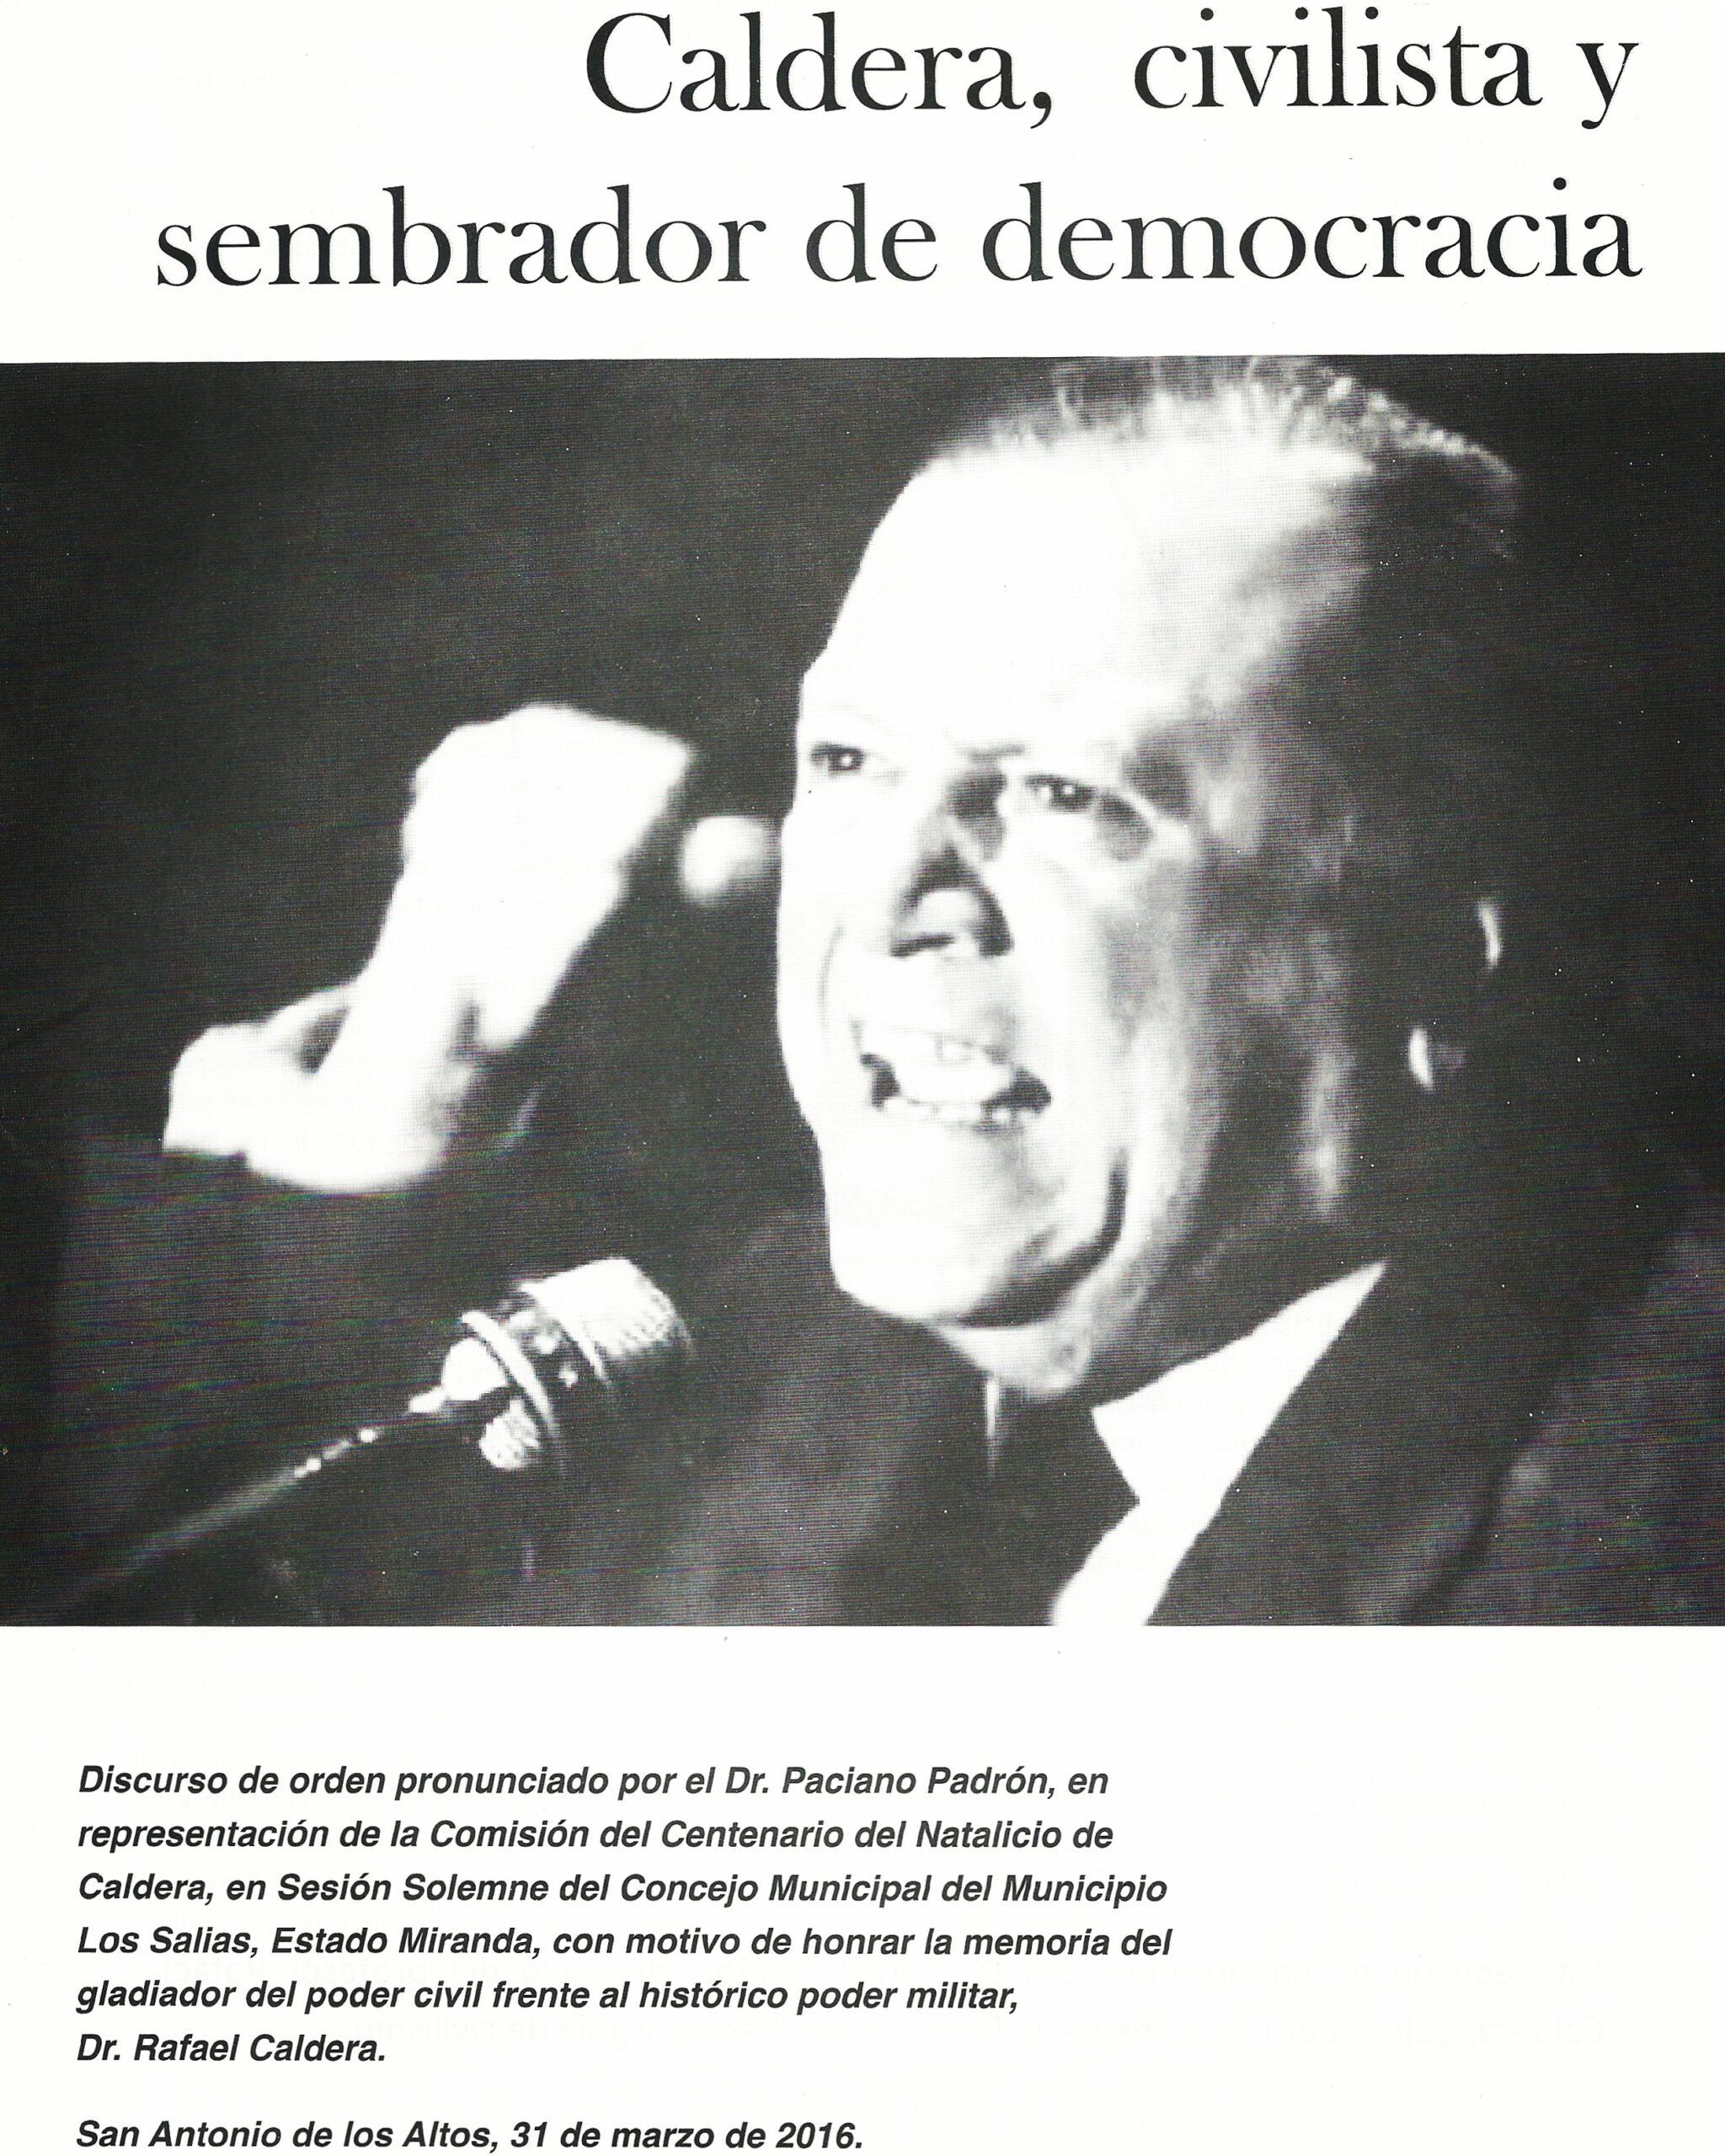 Caldera, civilista y sembrador de democracia – Paciano Padrón (2016)